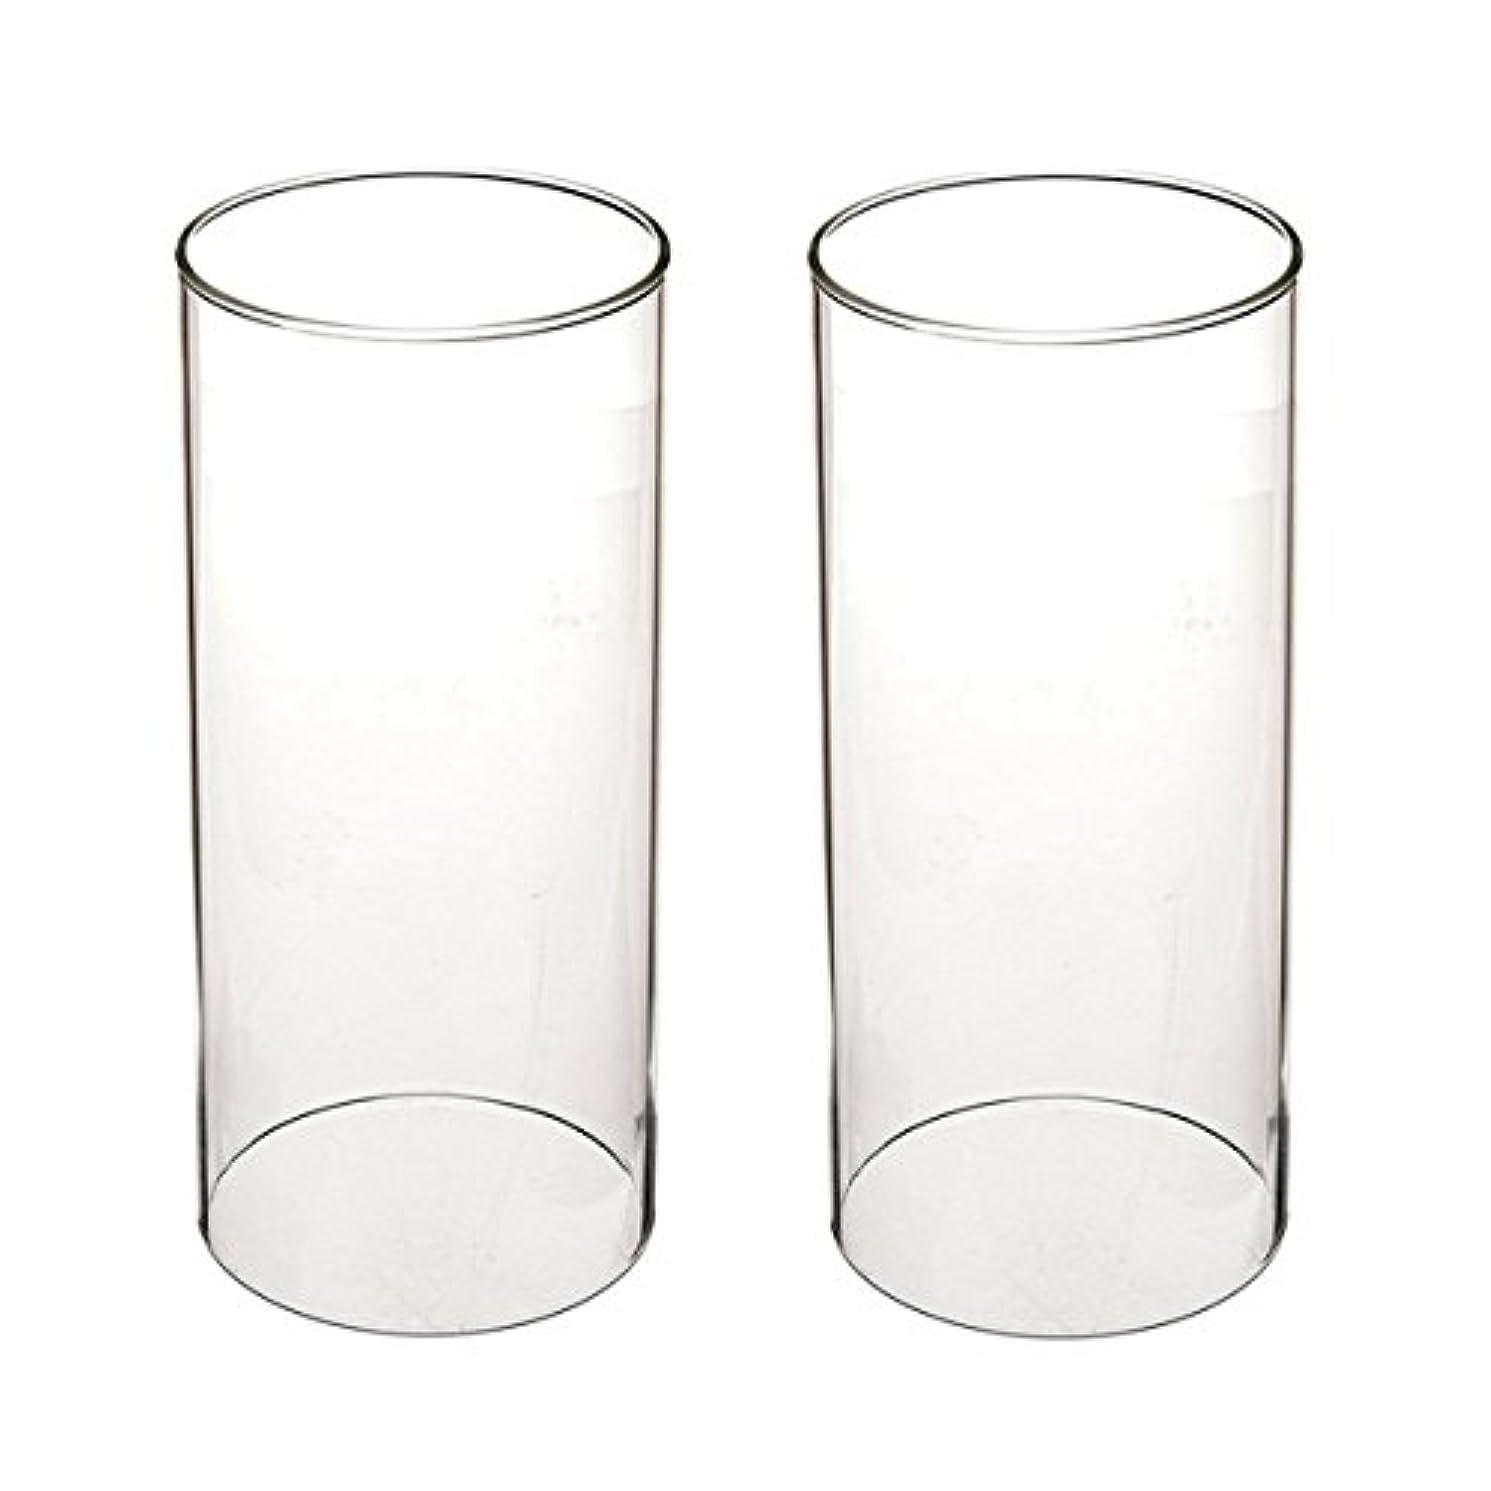 承認するアッパー道路ガラス煙突for Candleオープンエンド、ホウケイ酸ガラス( d3 h8